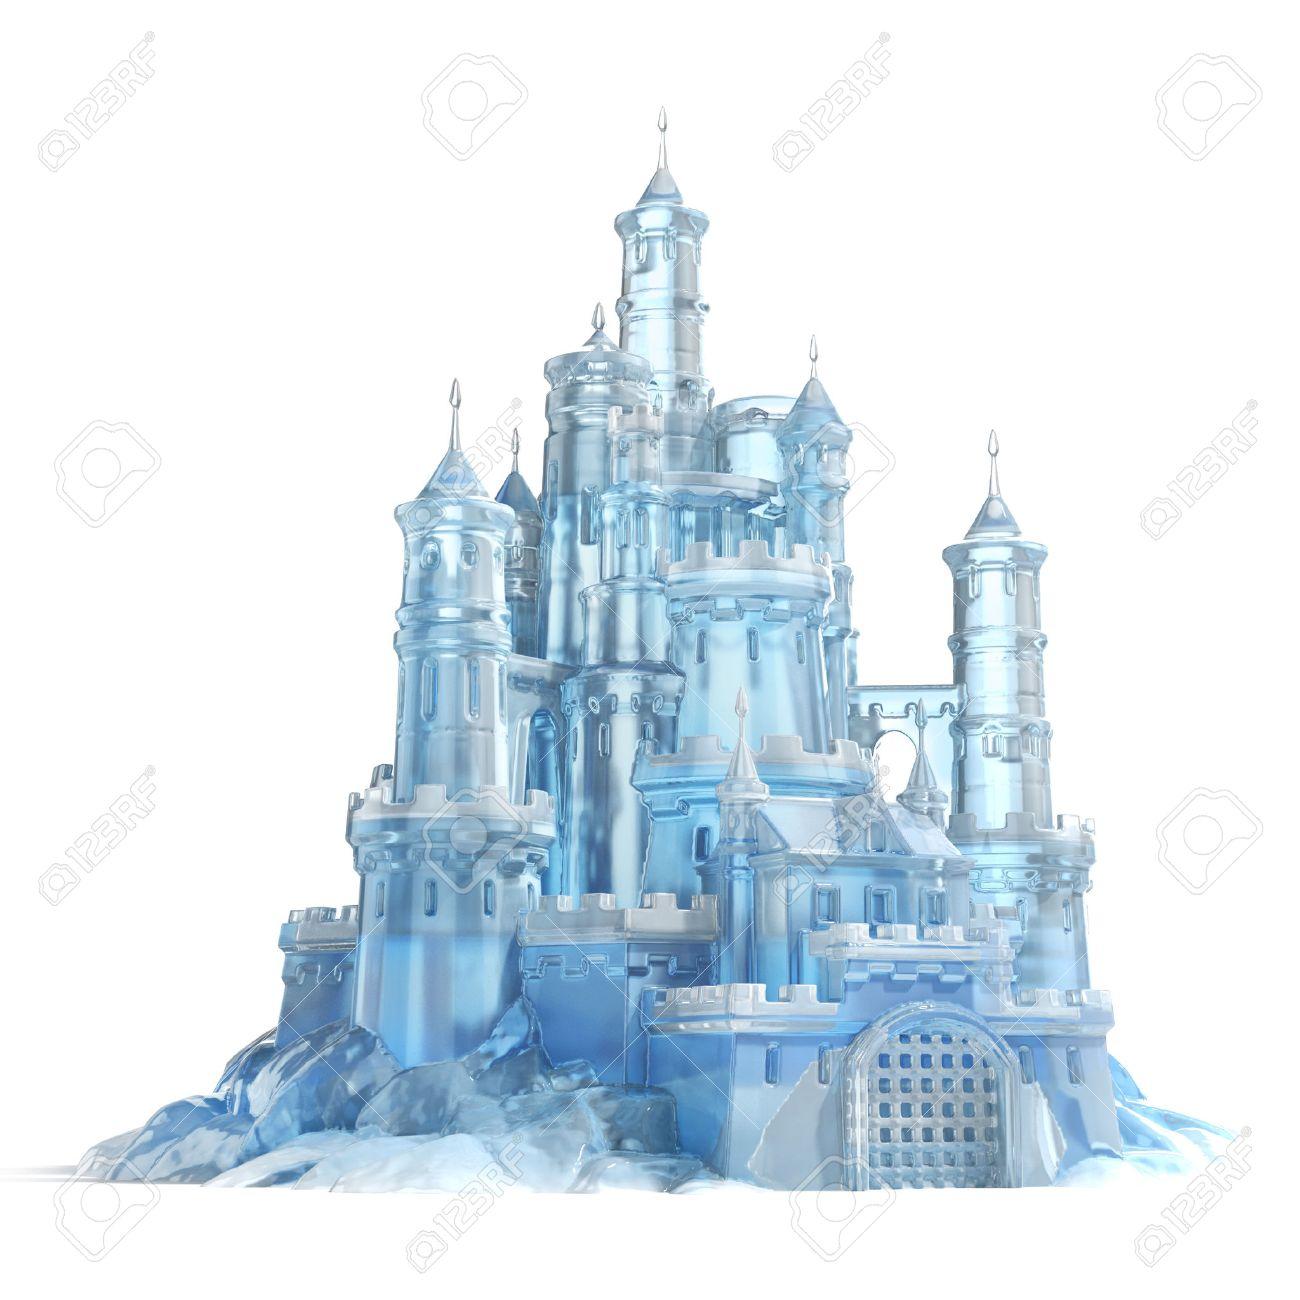 [Outra criação de jutsus] Ishikawa Yamiko - não sei pra que 46059672-ice-castle-3d-illustration